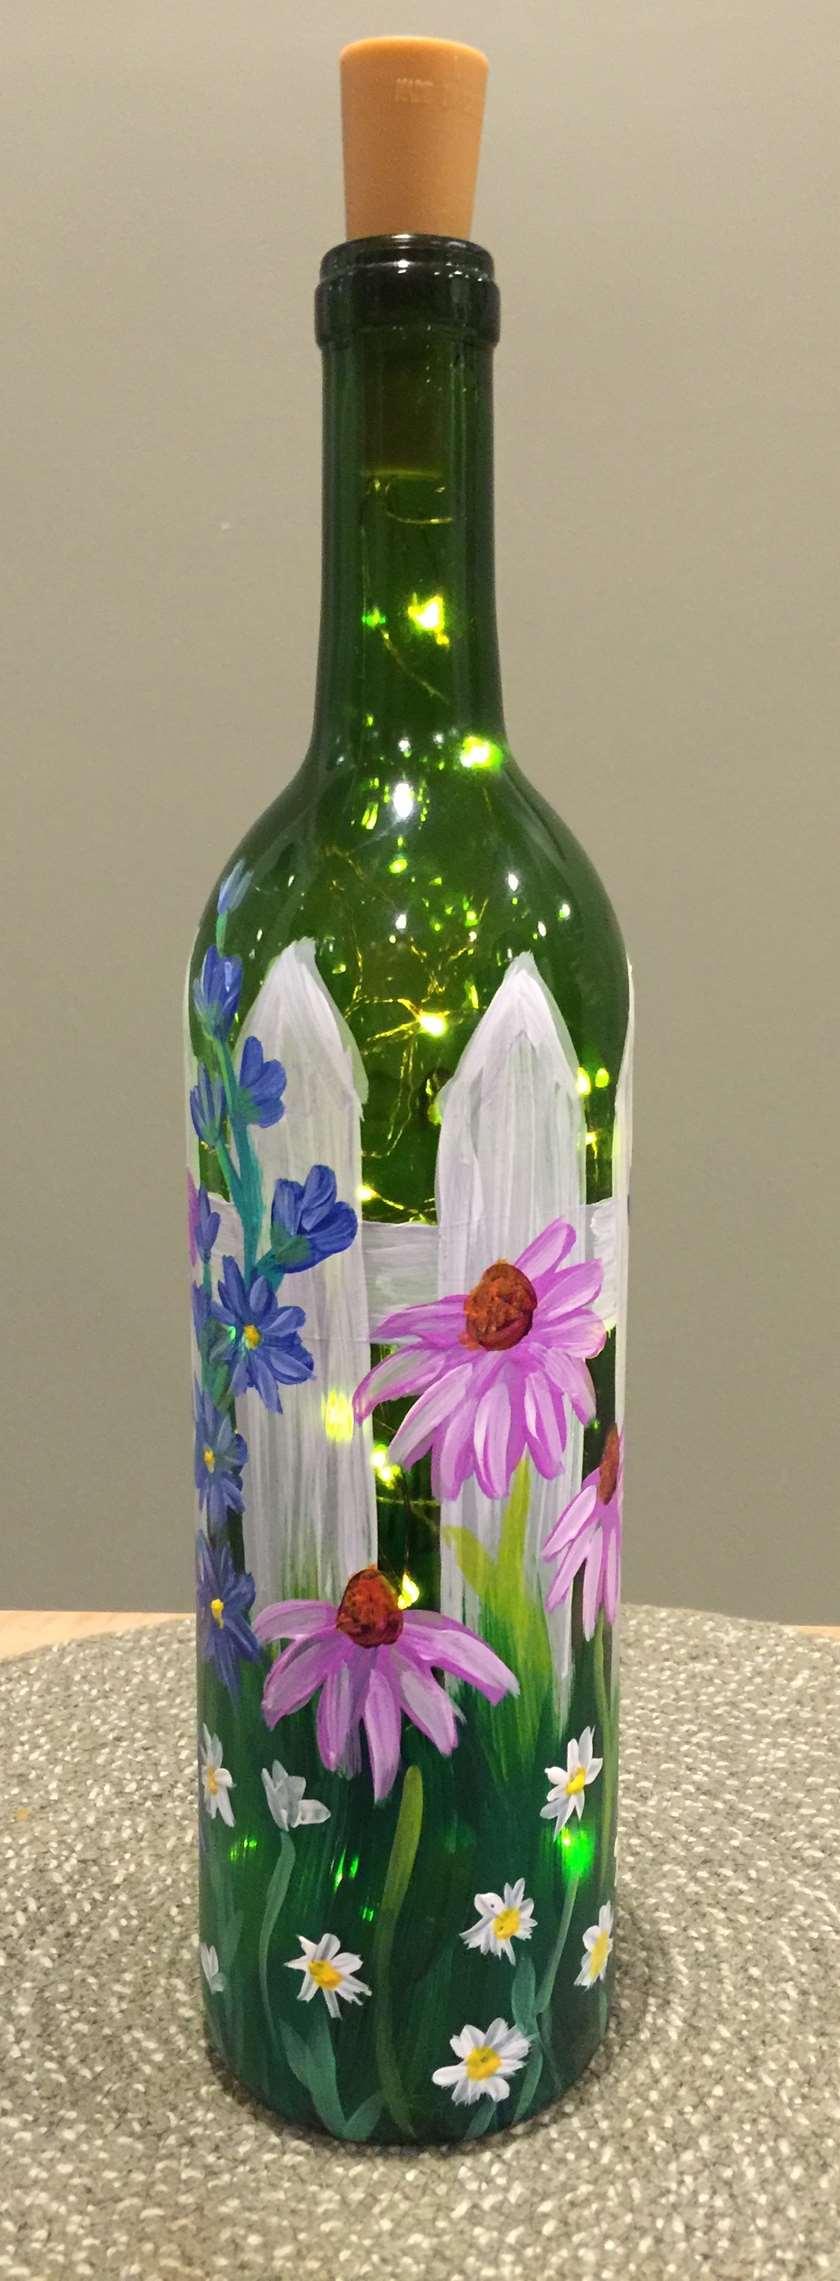 Let's Paint A Wine Bottle - in studio class